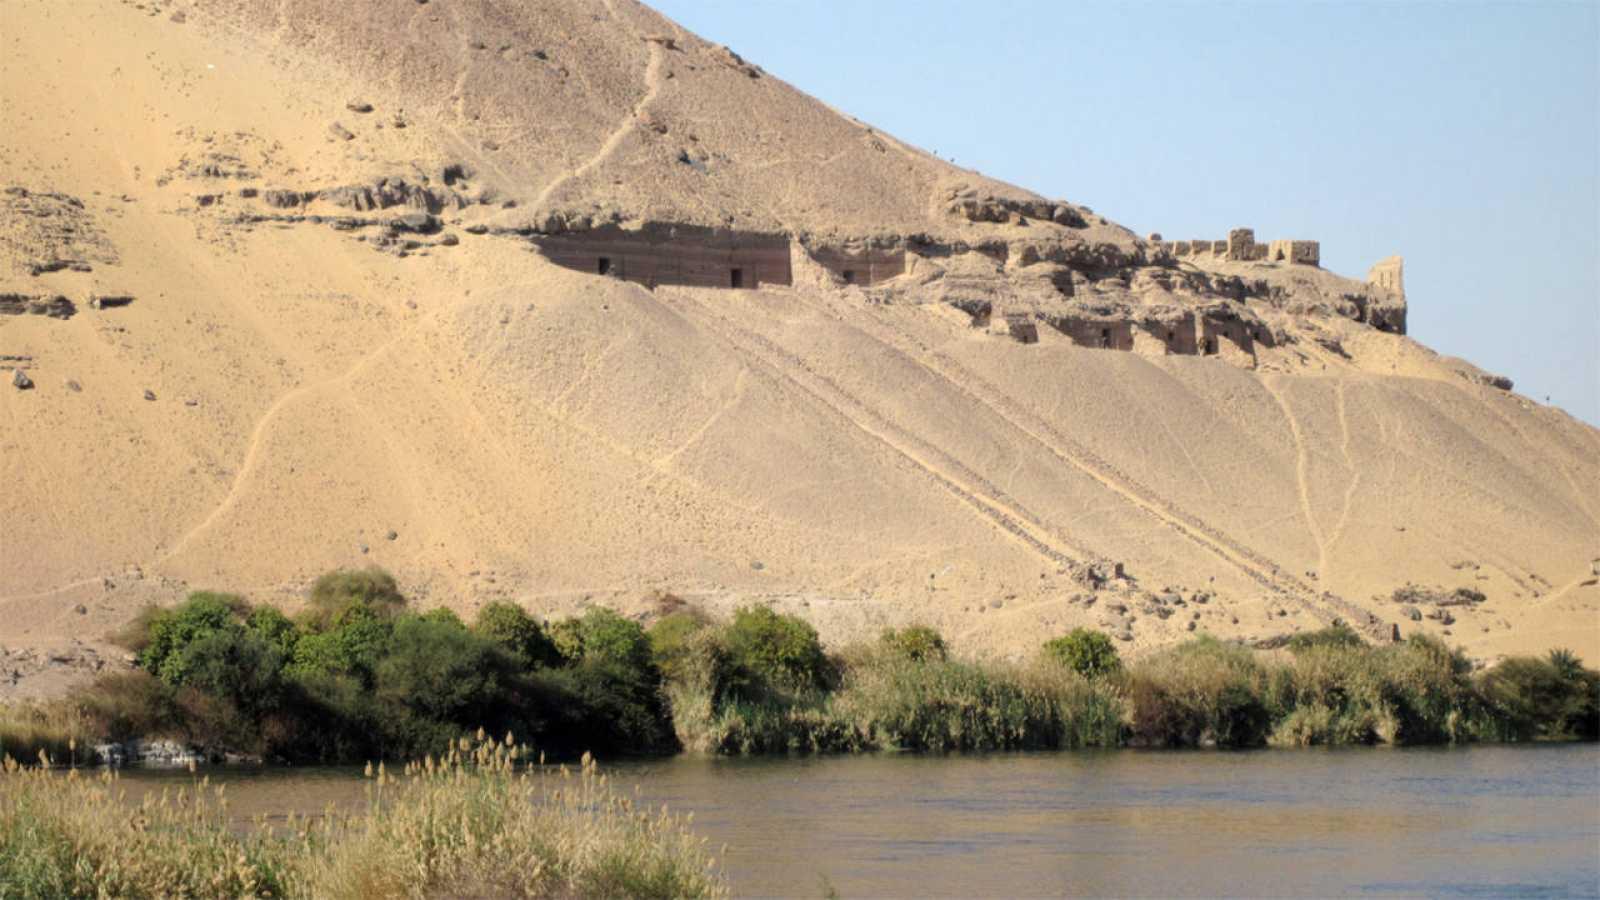 Vista de la necrópolis de Qubbet el-Hawa, junto al río Nilo.